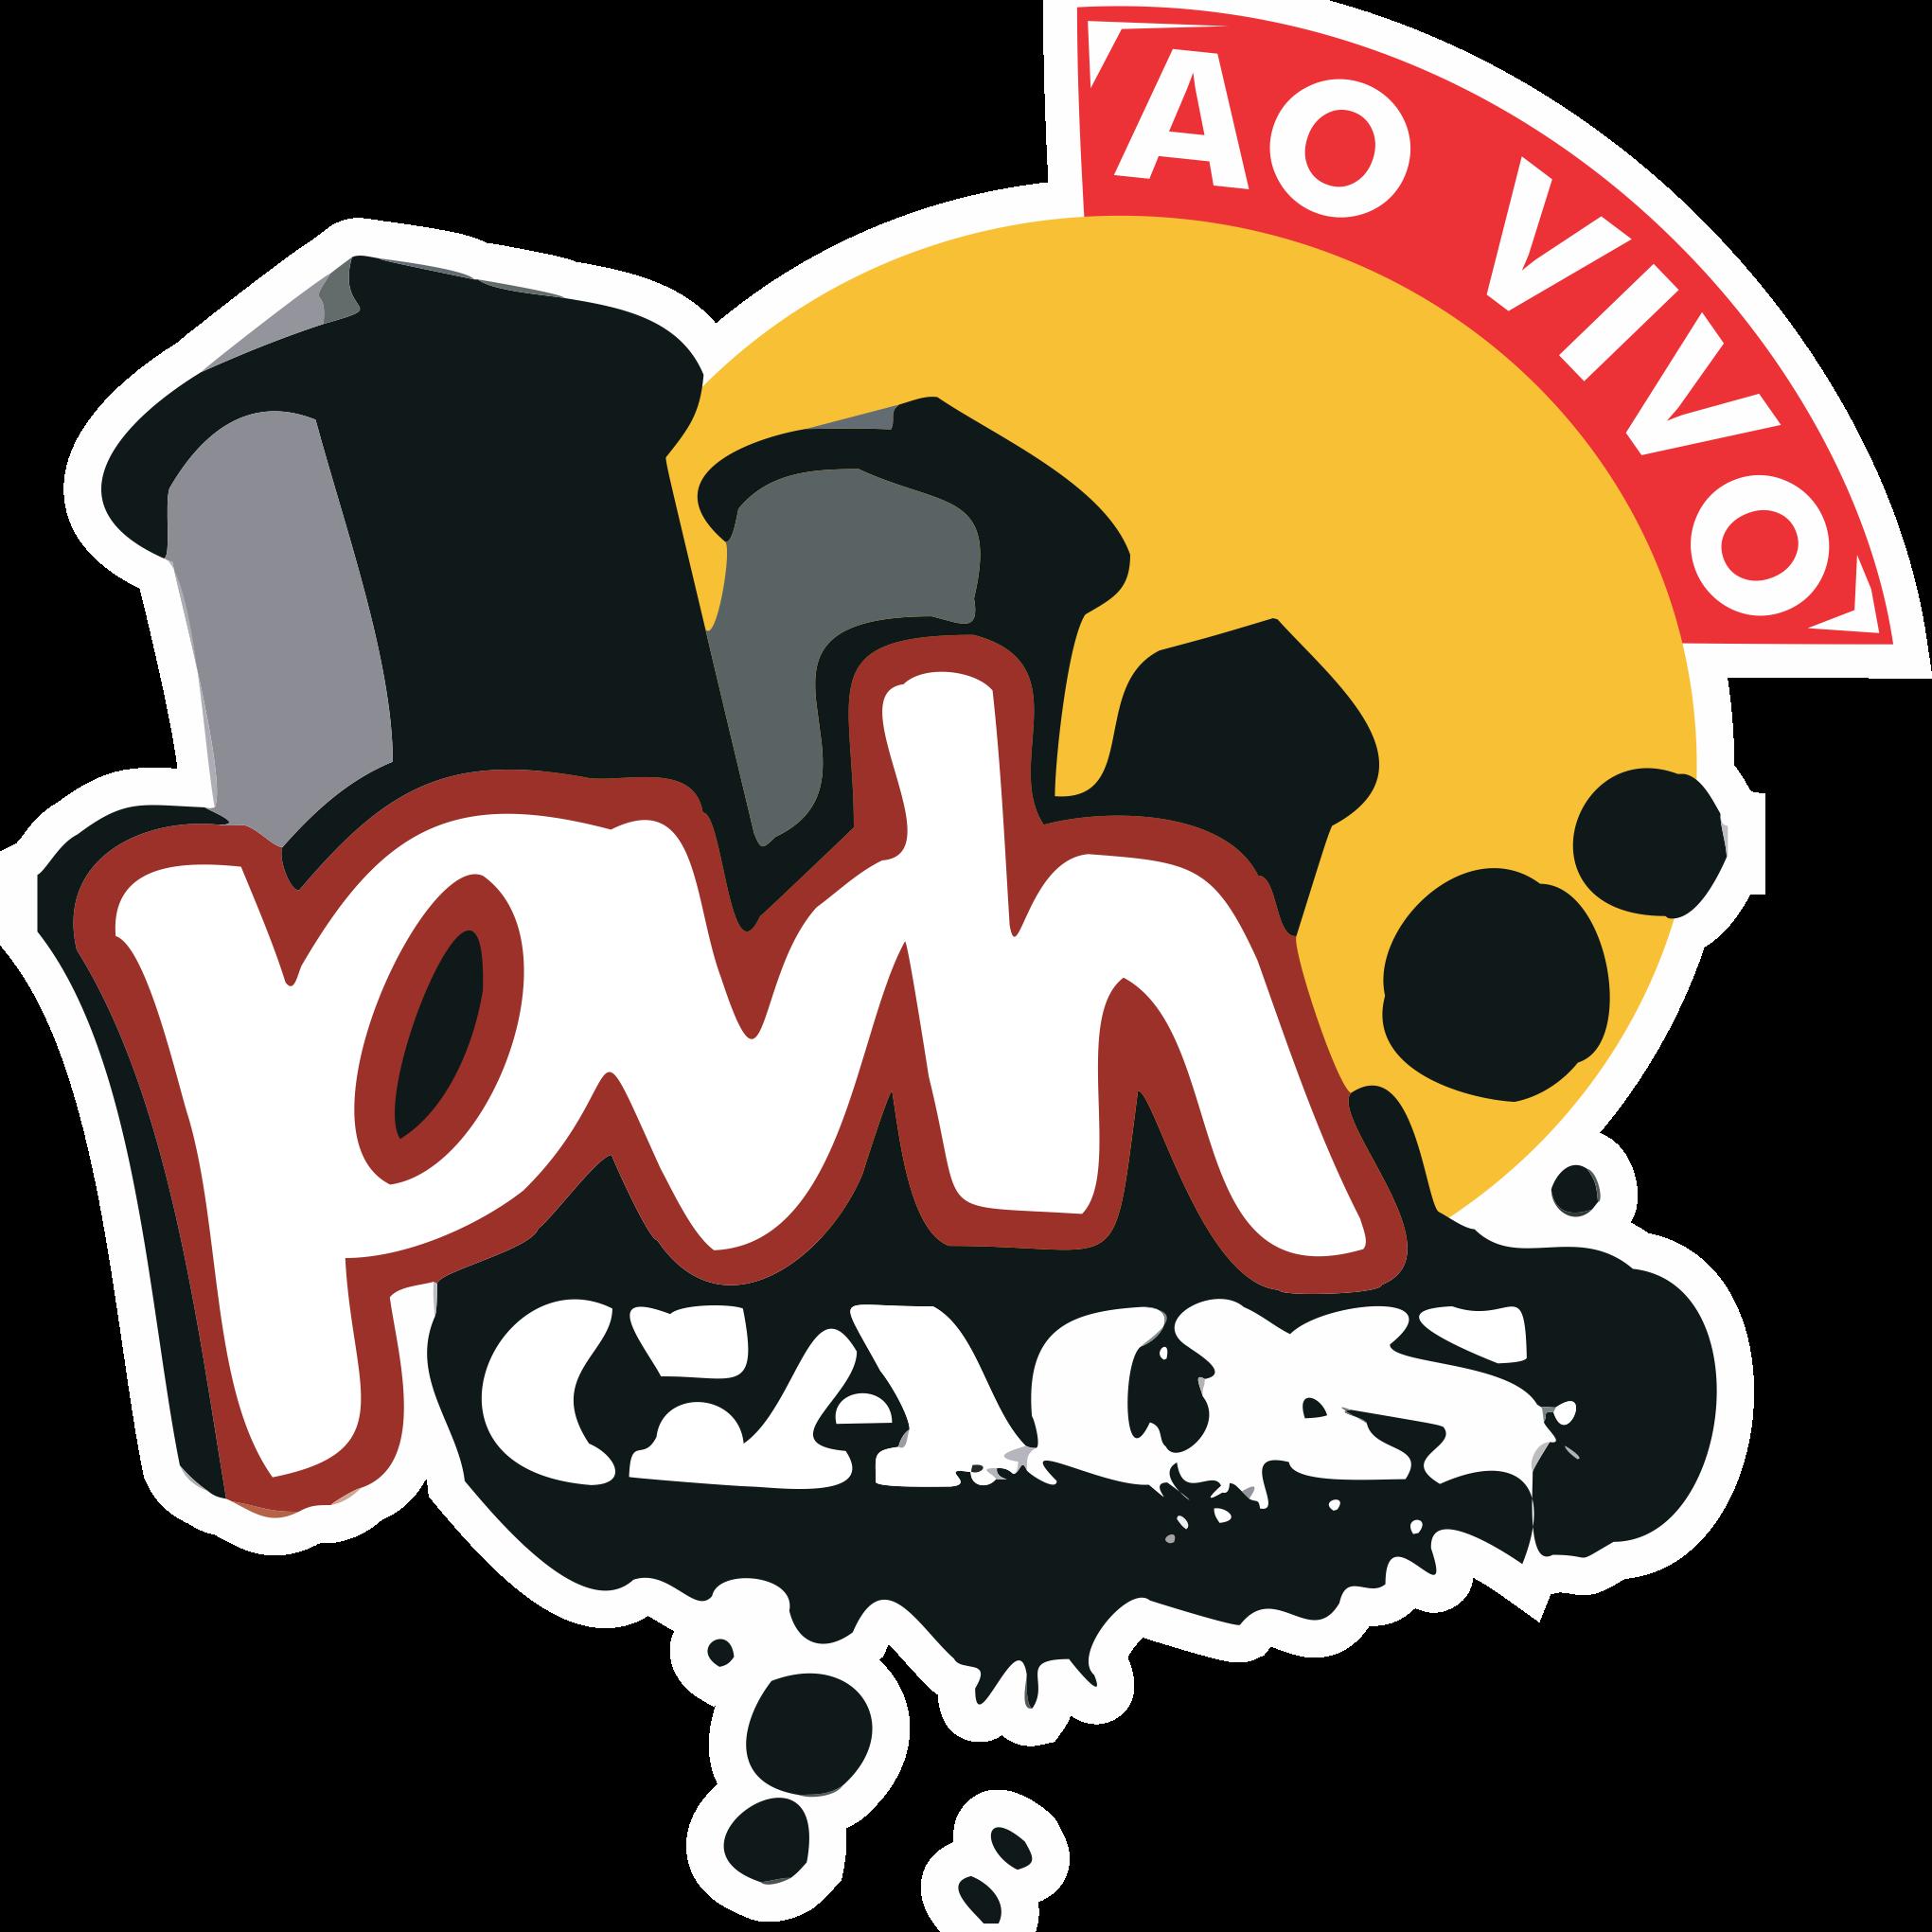 Porto Velho Caos Musica de Verdade +55 69 99258 7565